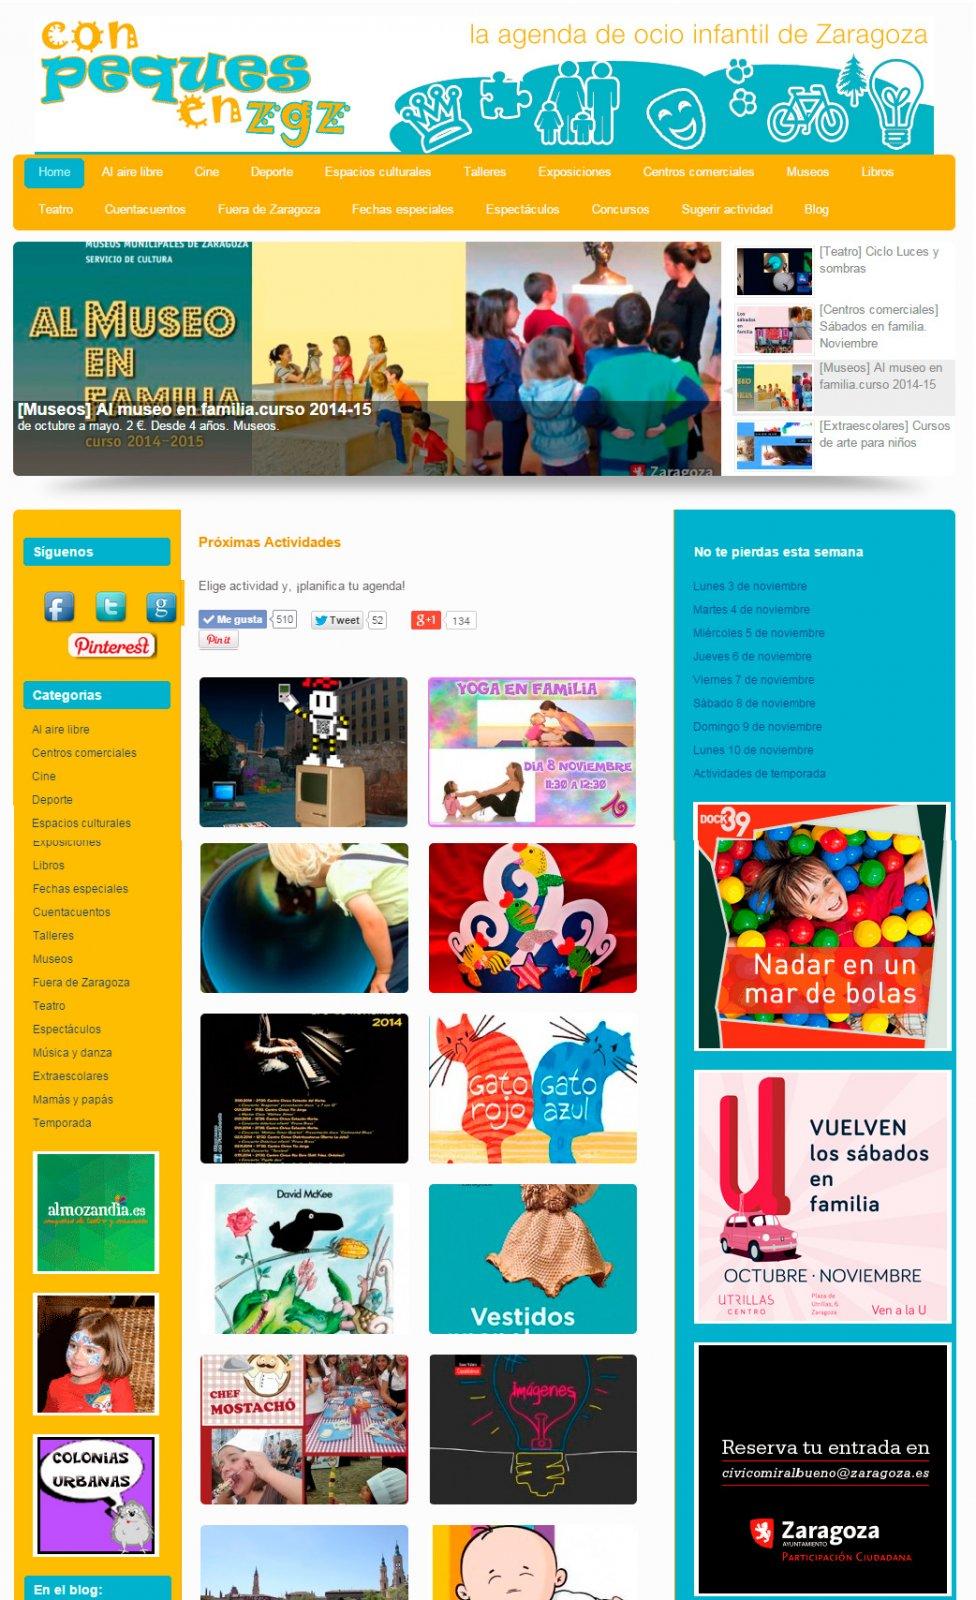 2ª versión de la agenda Conpeques. Año 2012